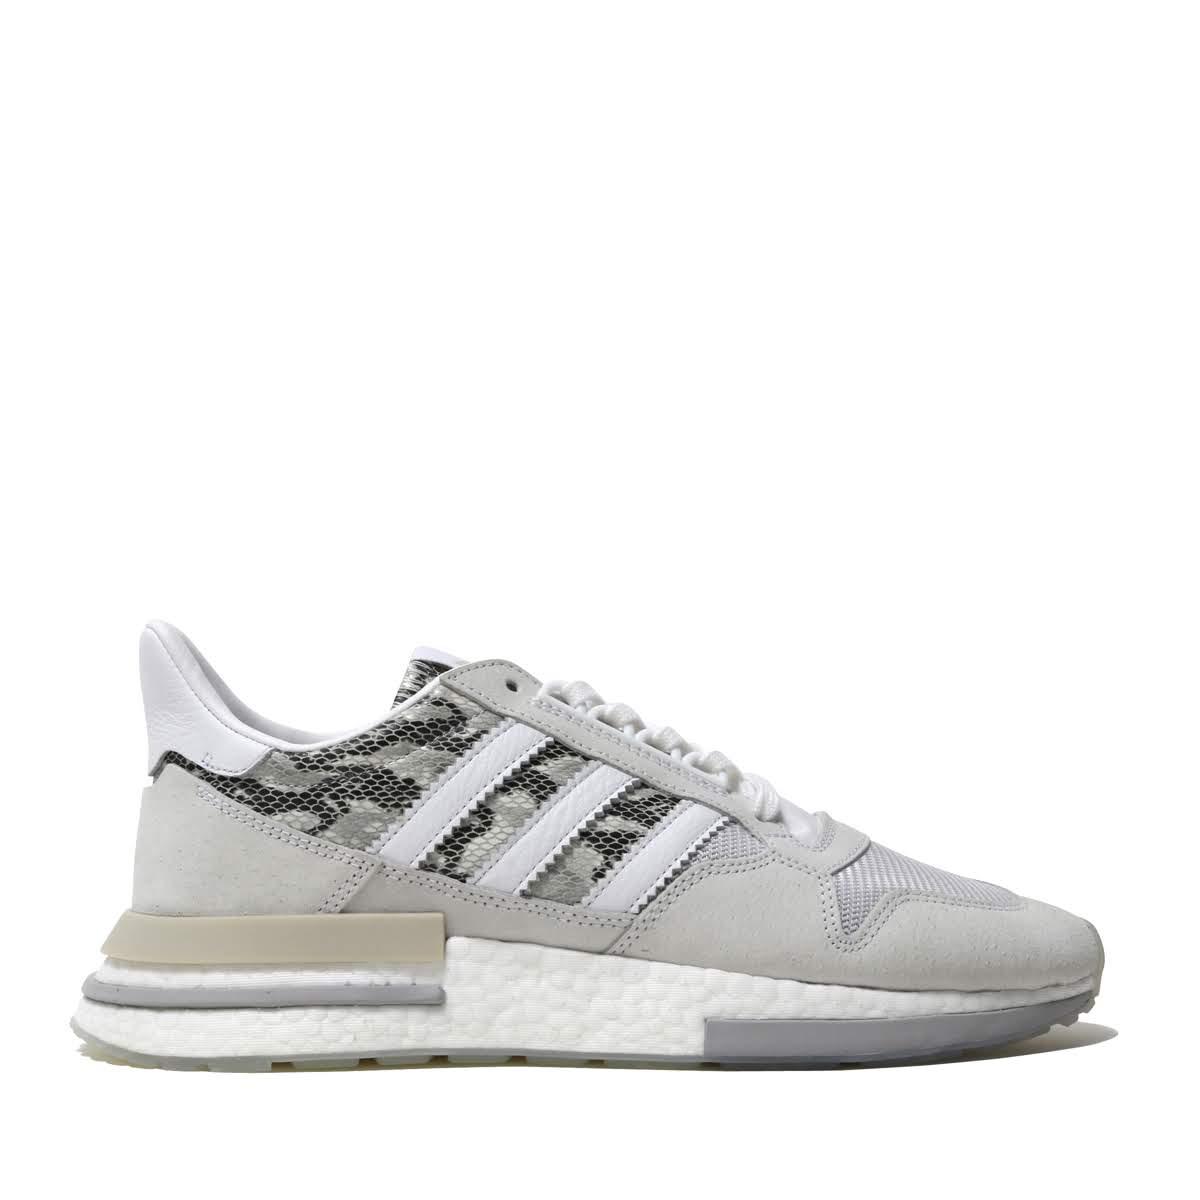 メンズ靴, スニーカー adidas Originals ZX 500 RM(RUNNING WHITERUNNING WHITERUNNING WHITE)( ZX 500 RM)19SS-I